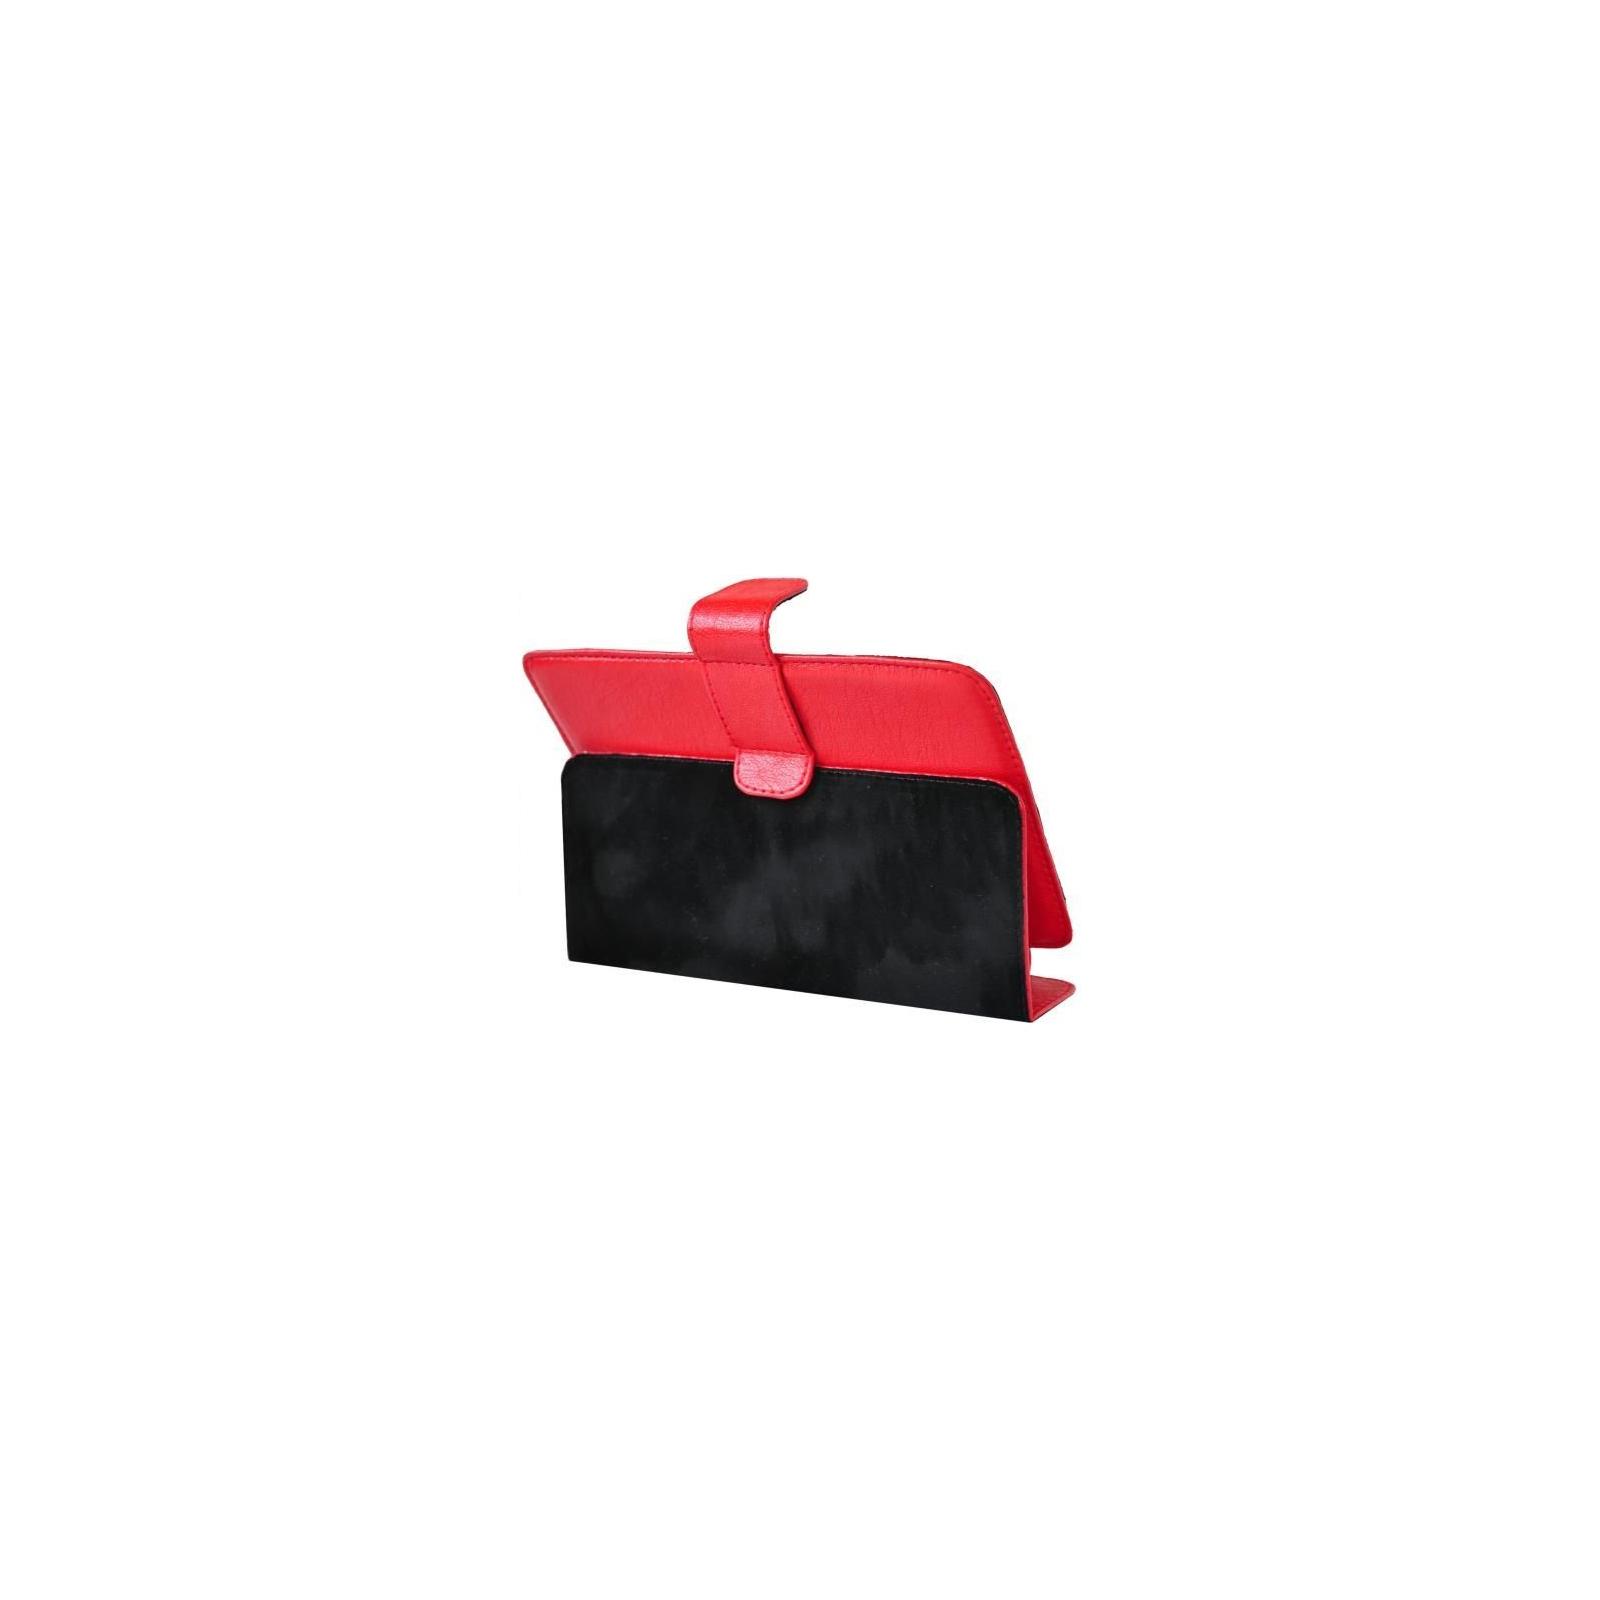 Чехол для планшета Vento 7 COOL - red изображение 2